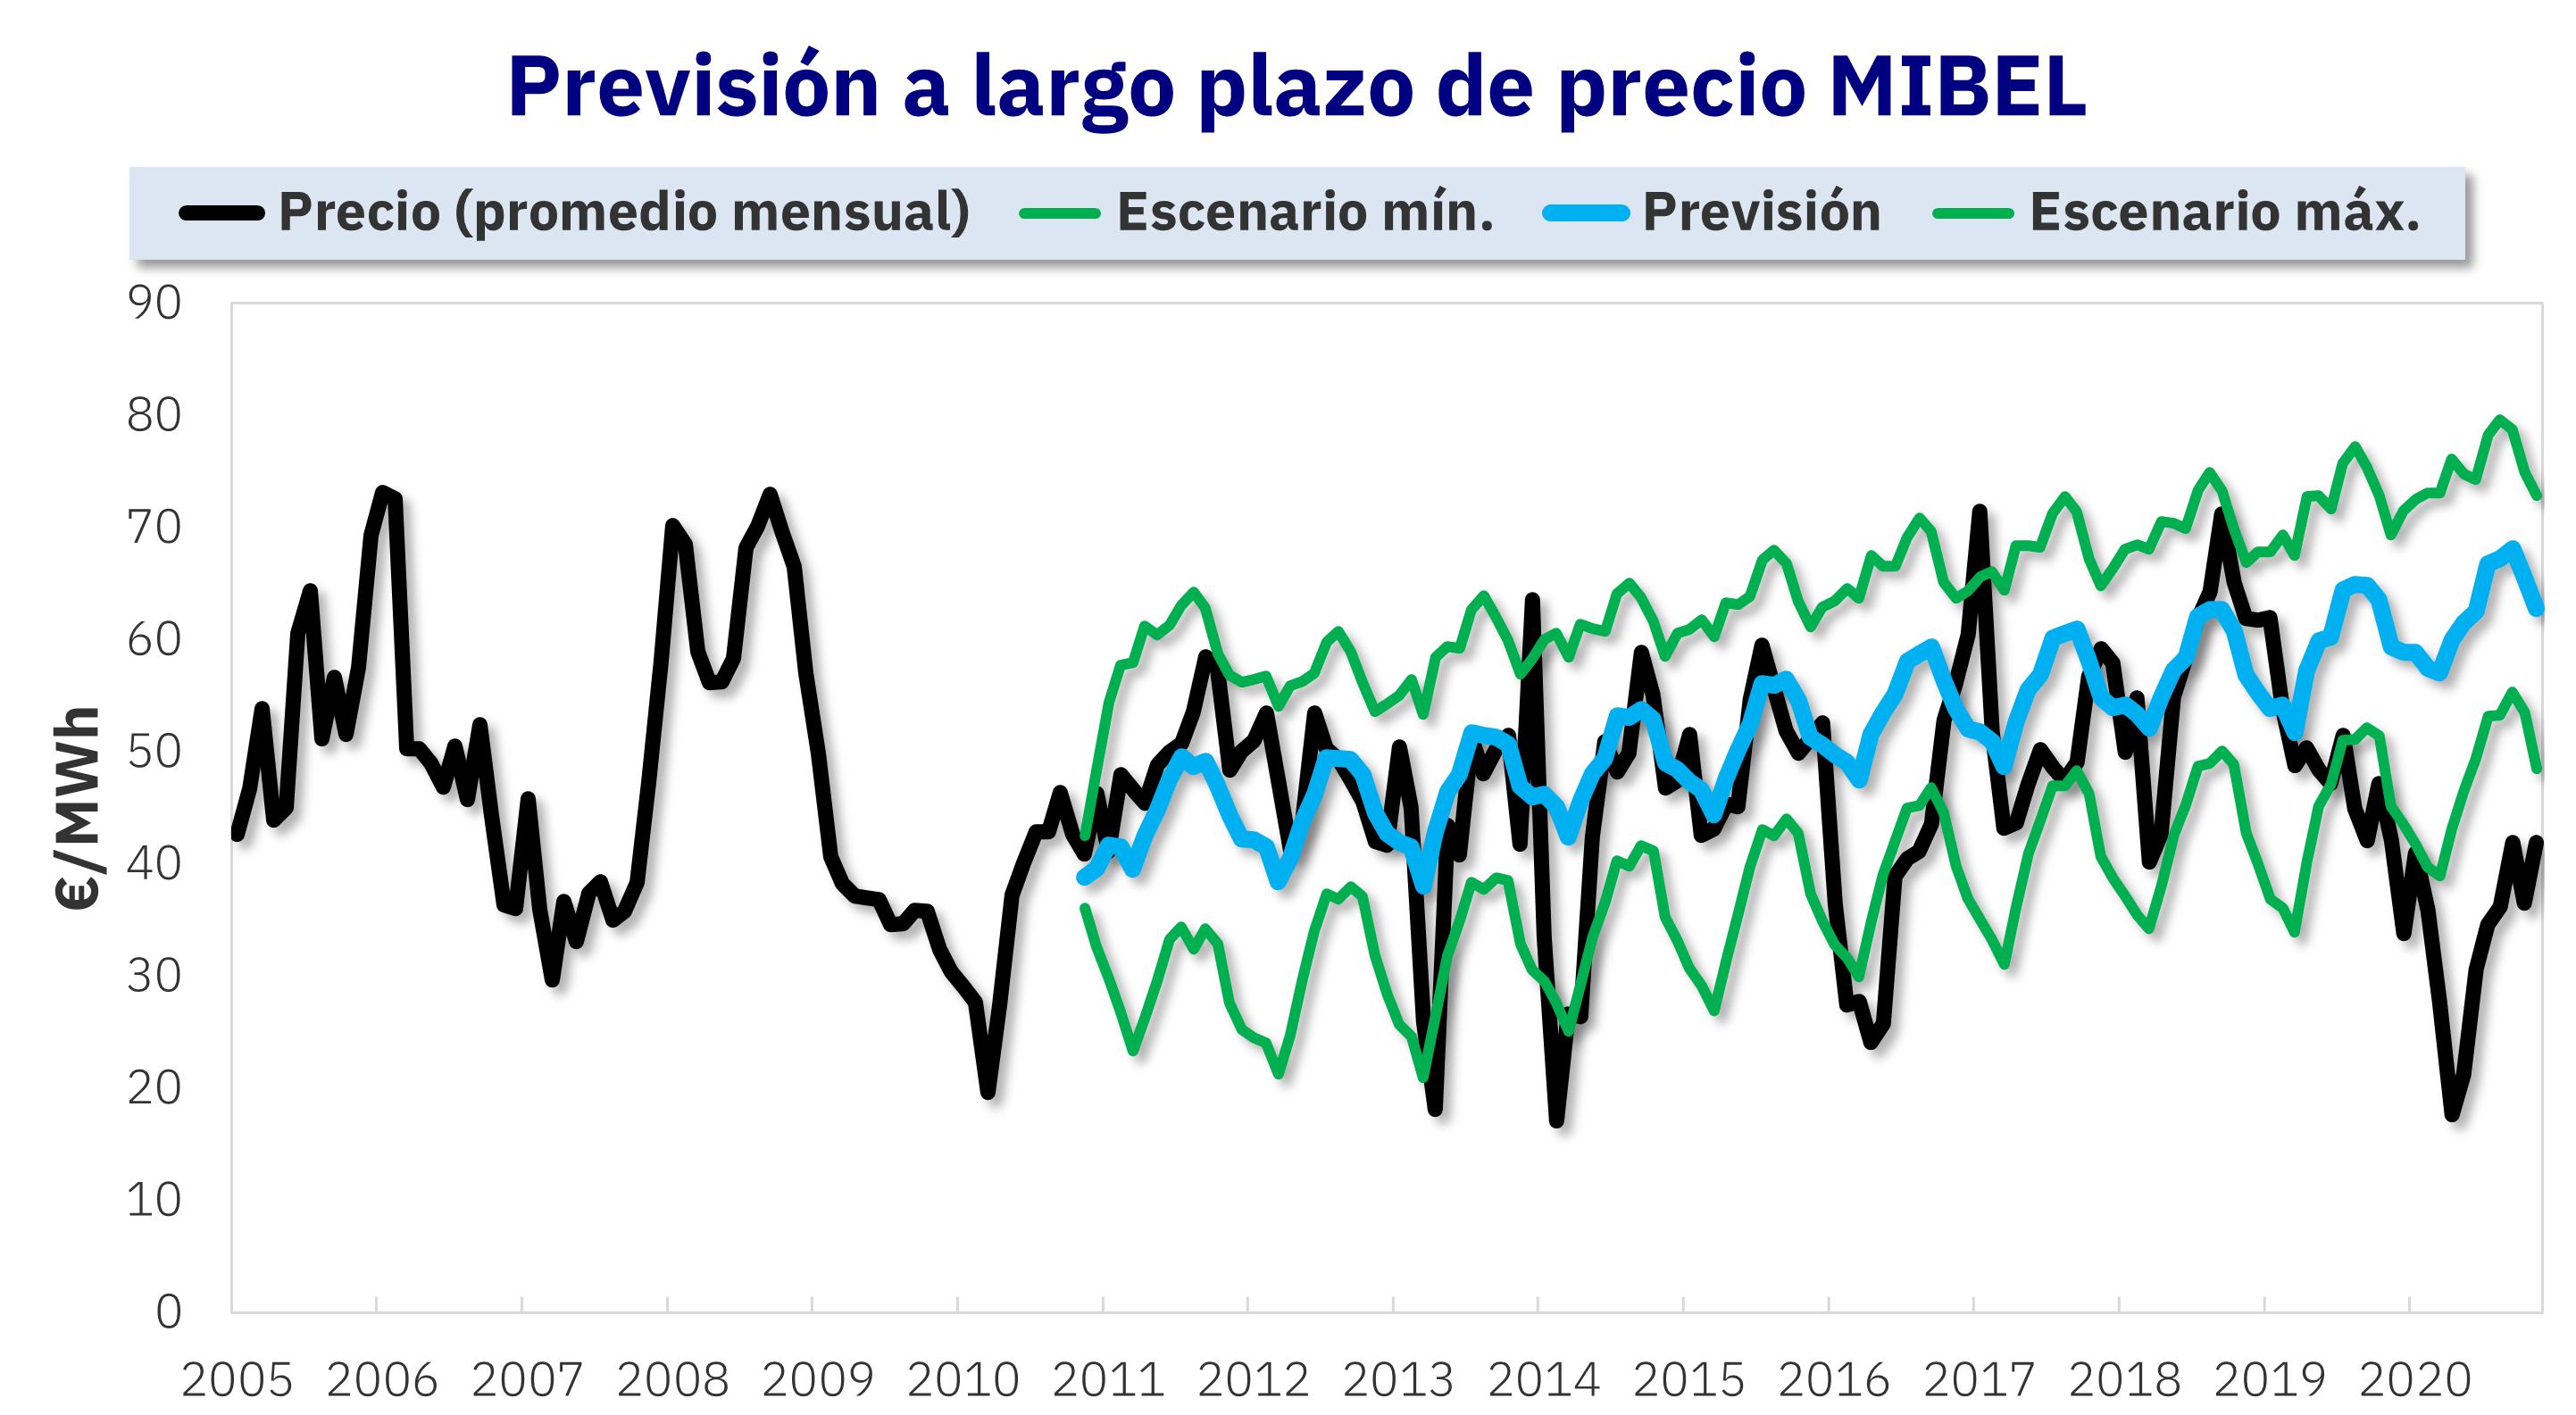 AleaSoft - Prevision precios MIBEL 15 annos